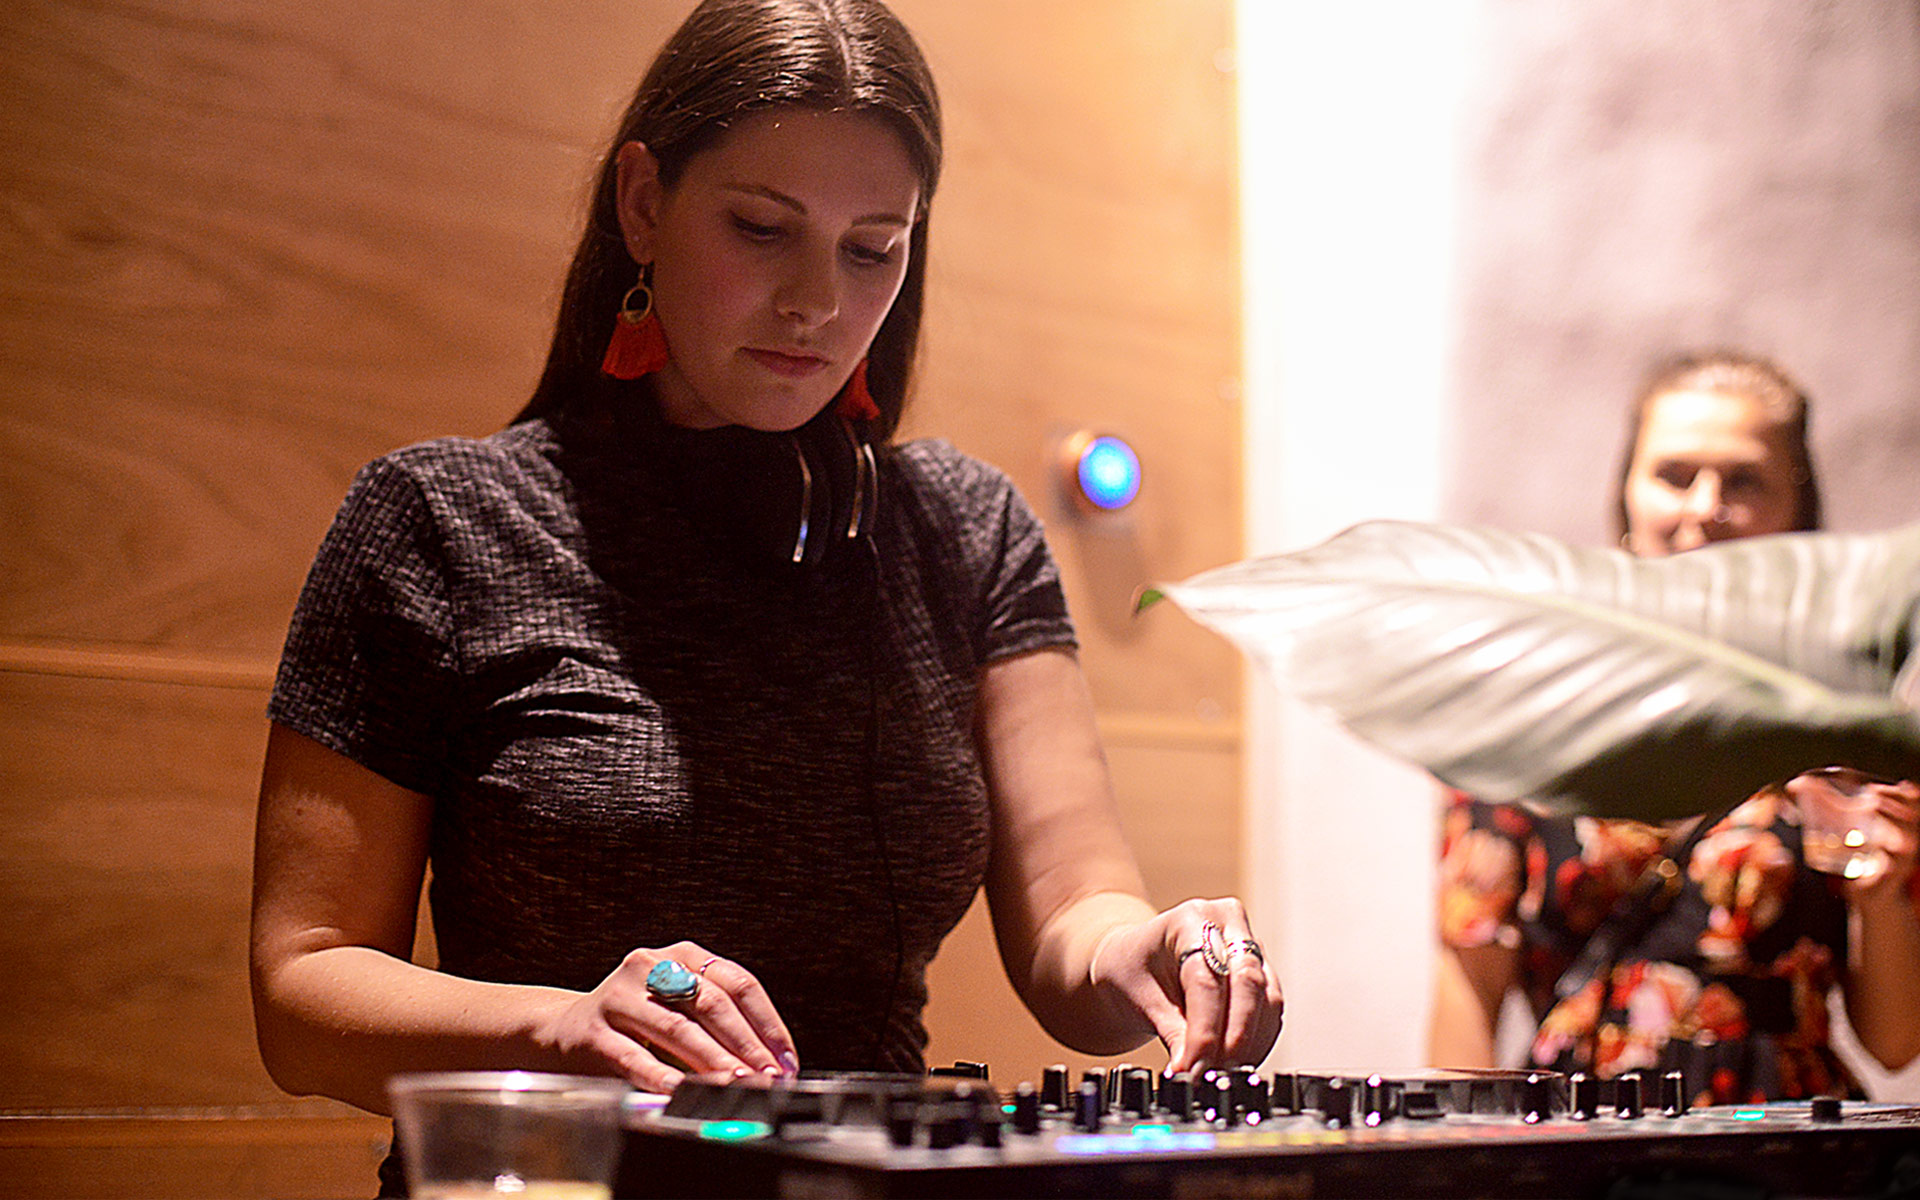 Freesia Towle DJing.